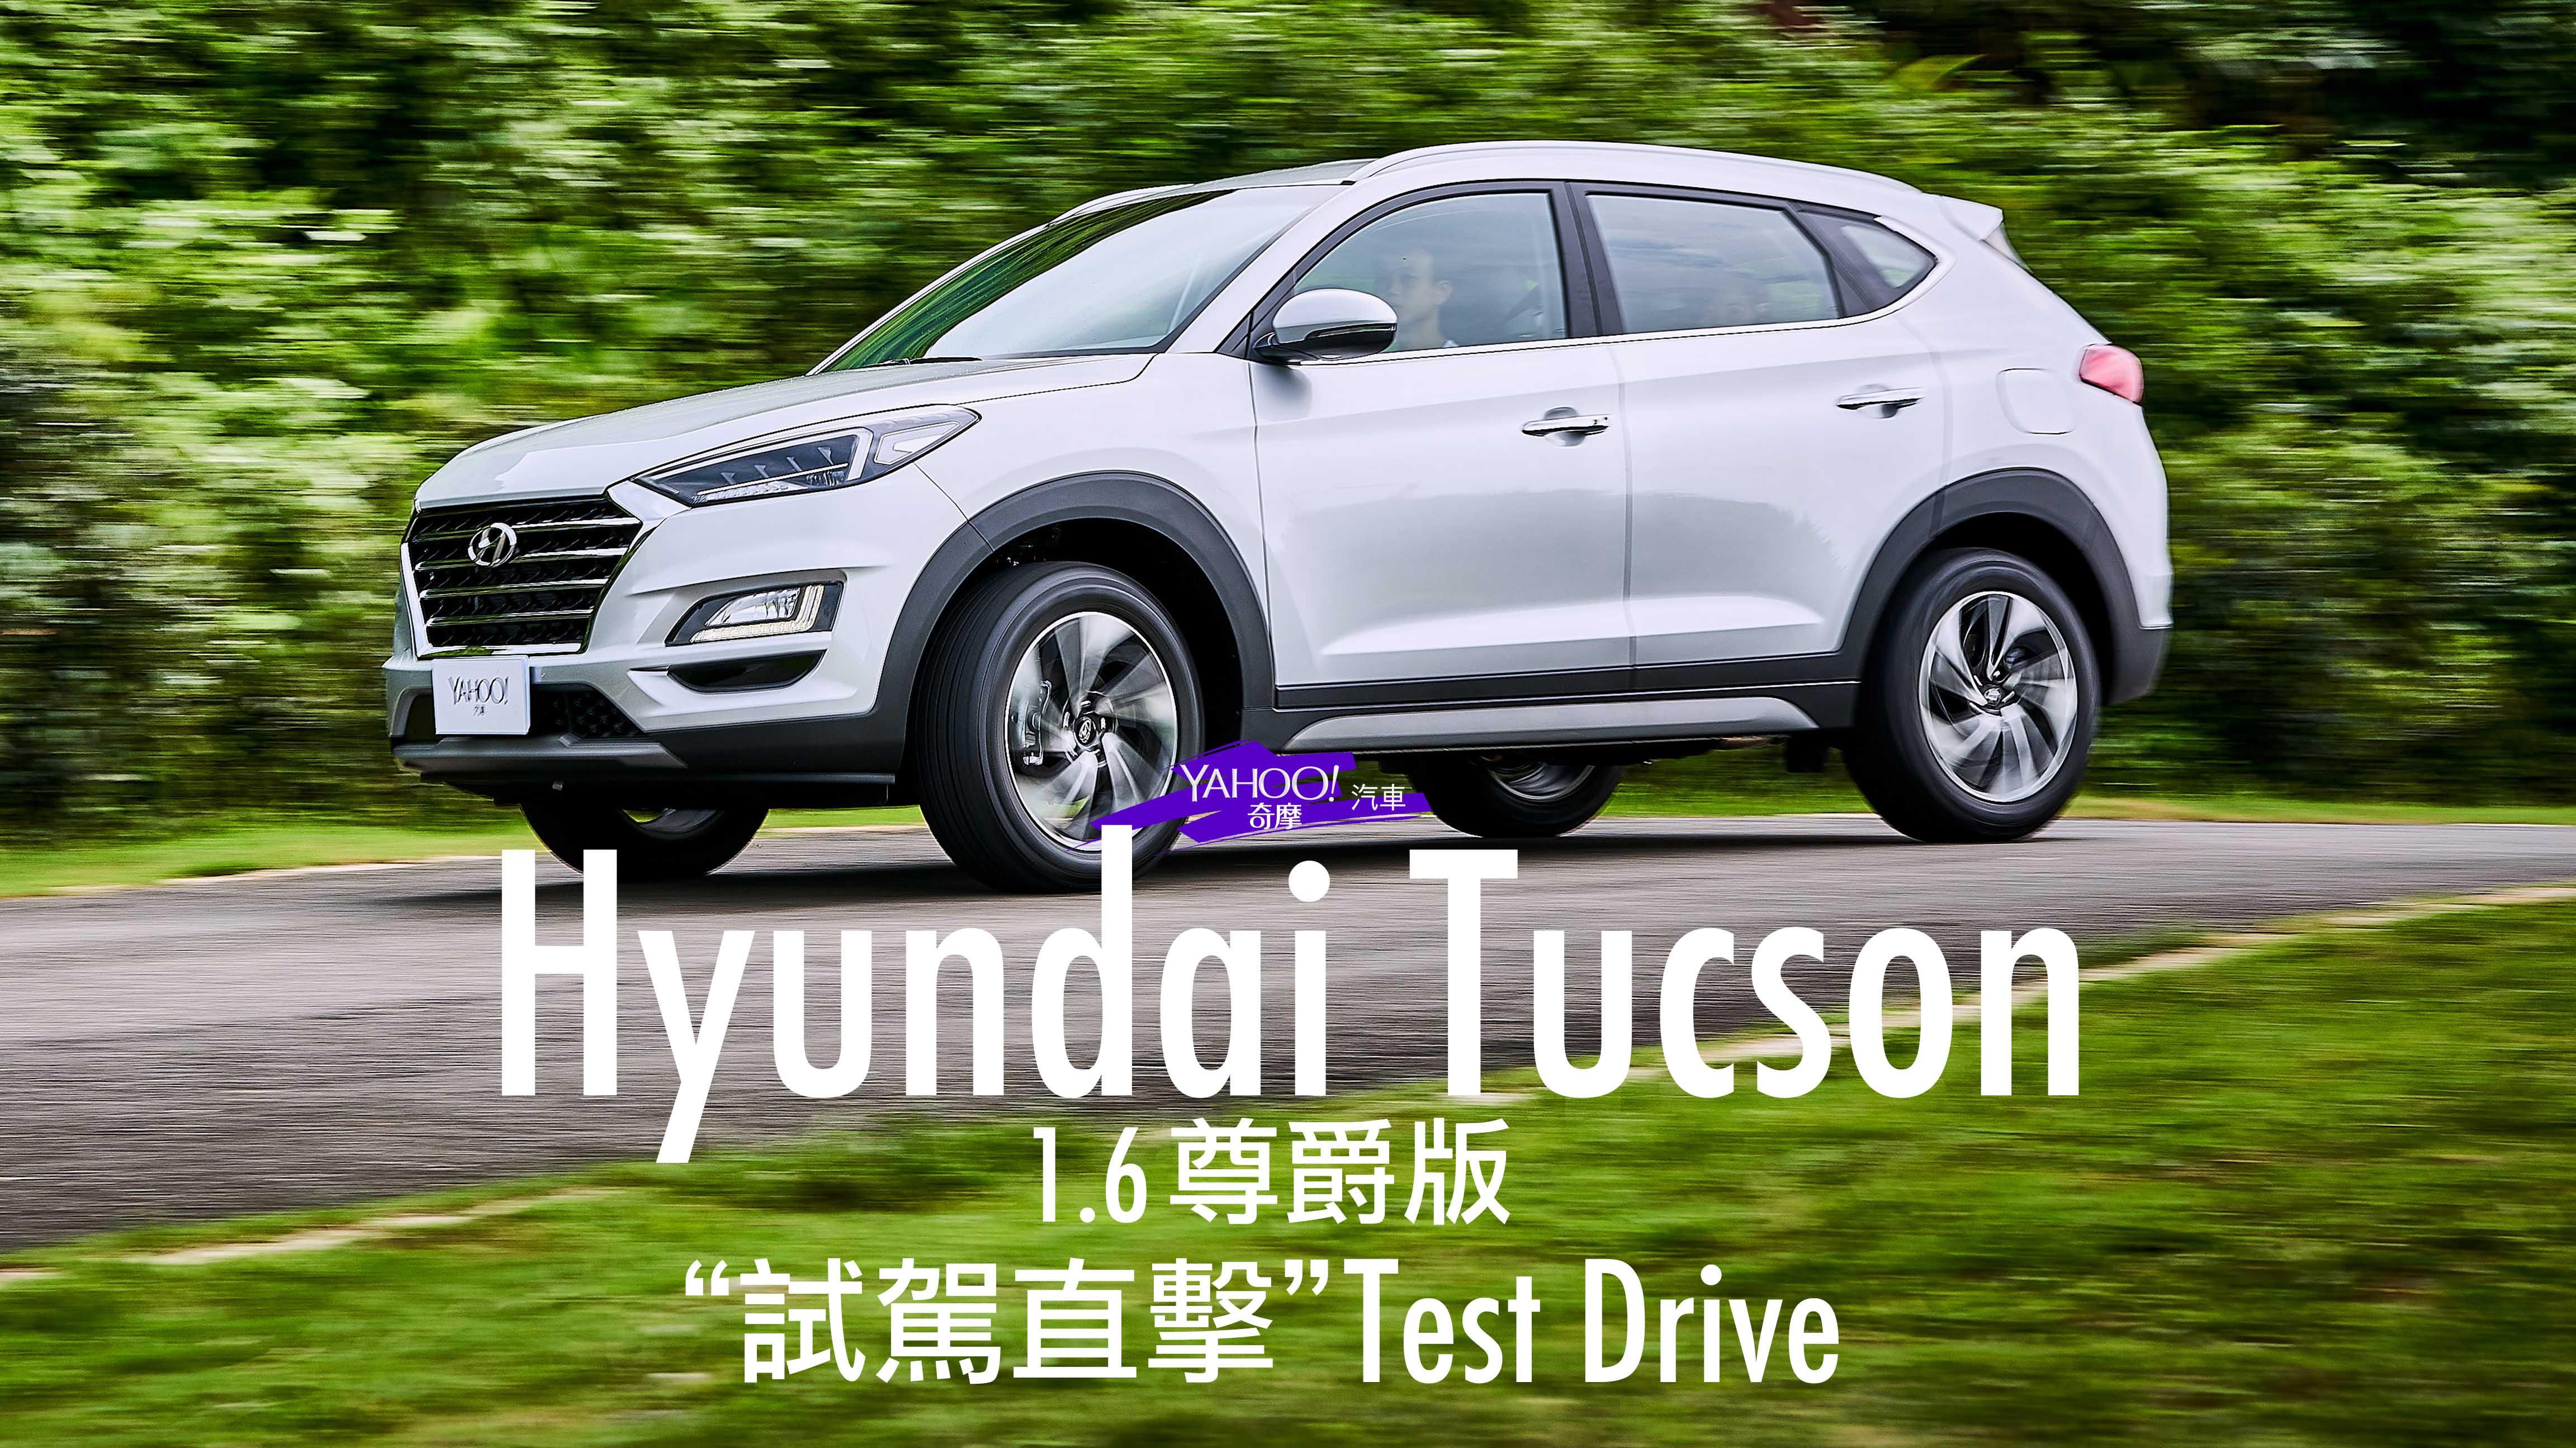 【試駕直擊】德不德系不是重點、夠安全才是王道!Hyundai小改款Tucson 1.6尊爵版基隆試駕